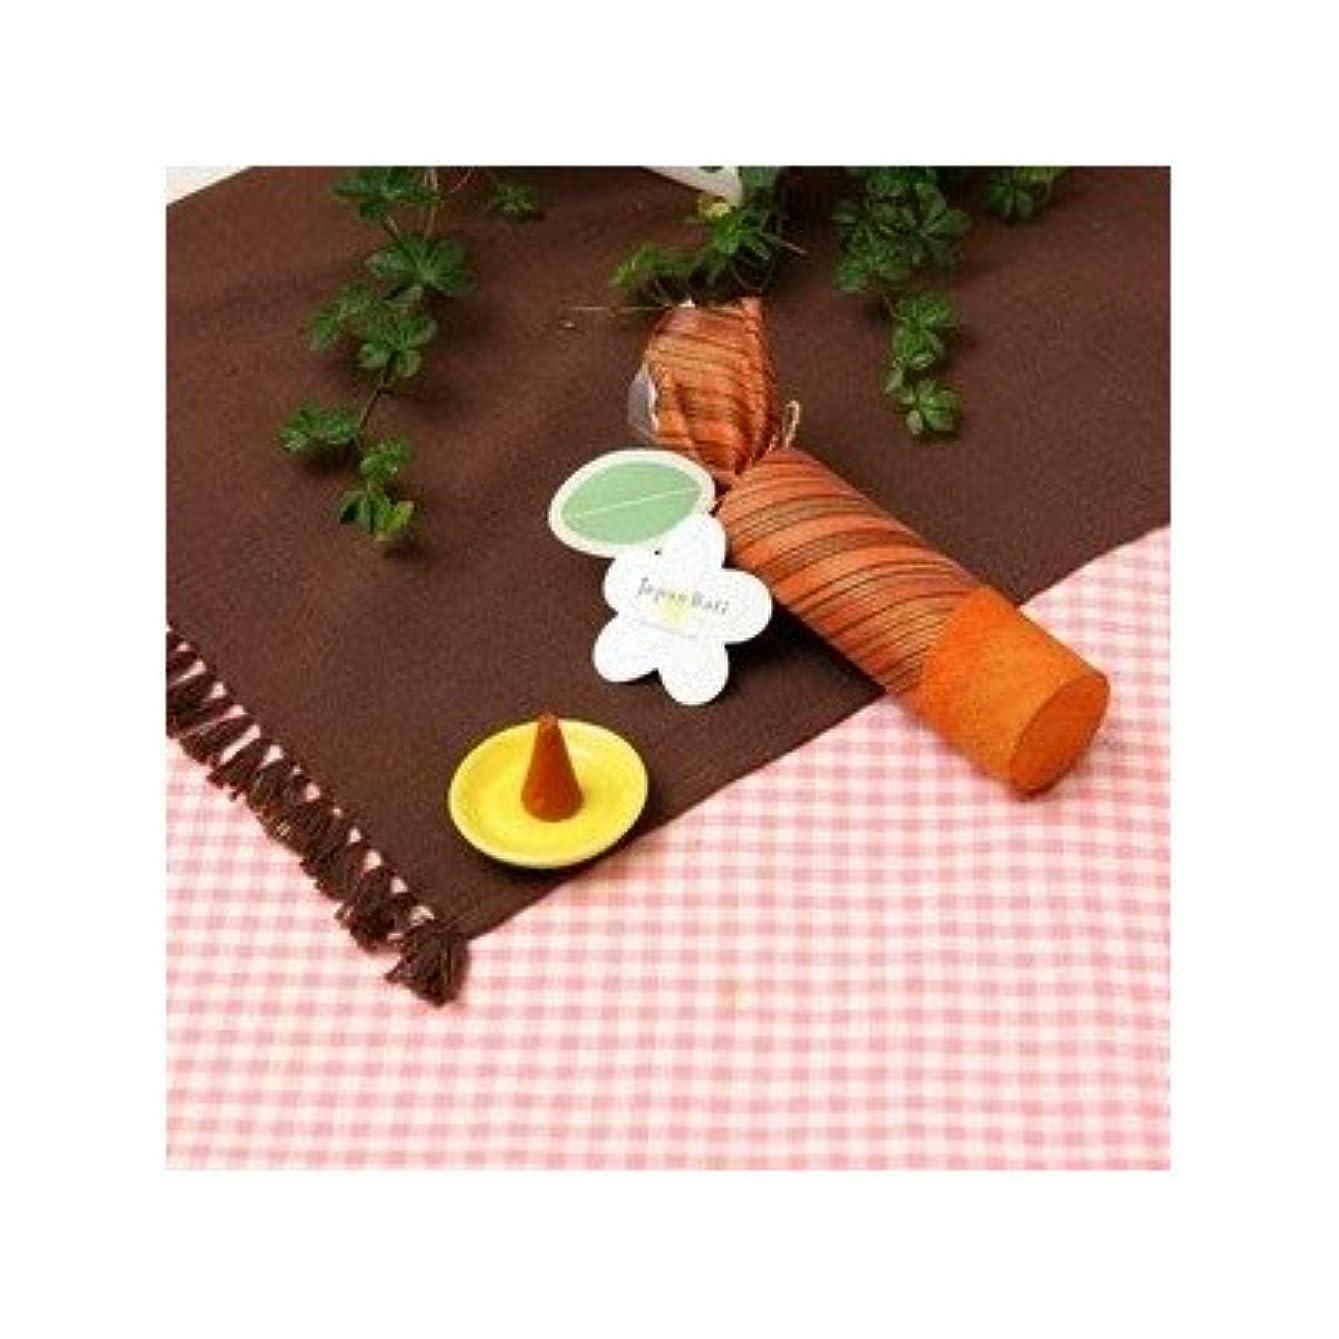 達成群れ合体お香/インセンス 〔サンダルウッドの香り コーンタイプ10個入り〕 バリ島製 「Jupen Bari/ジュプンバリ」[通販用梱包品]